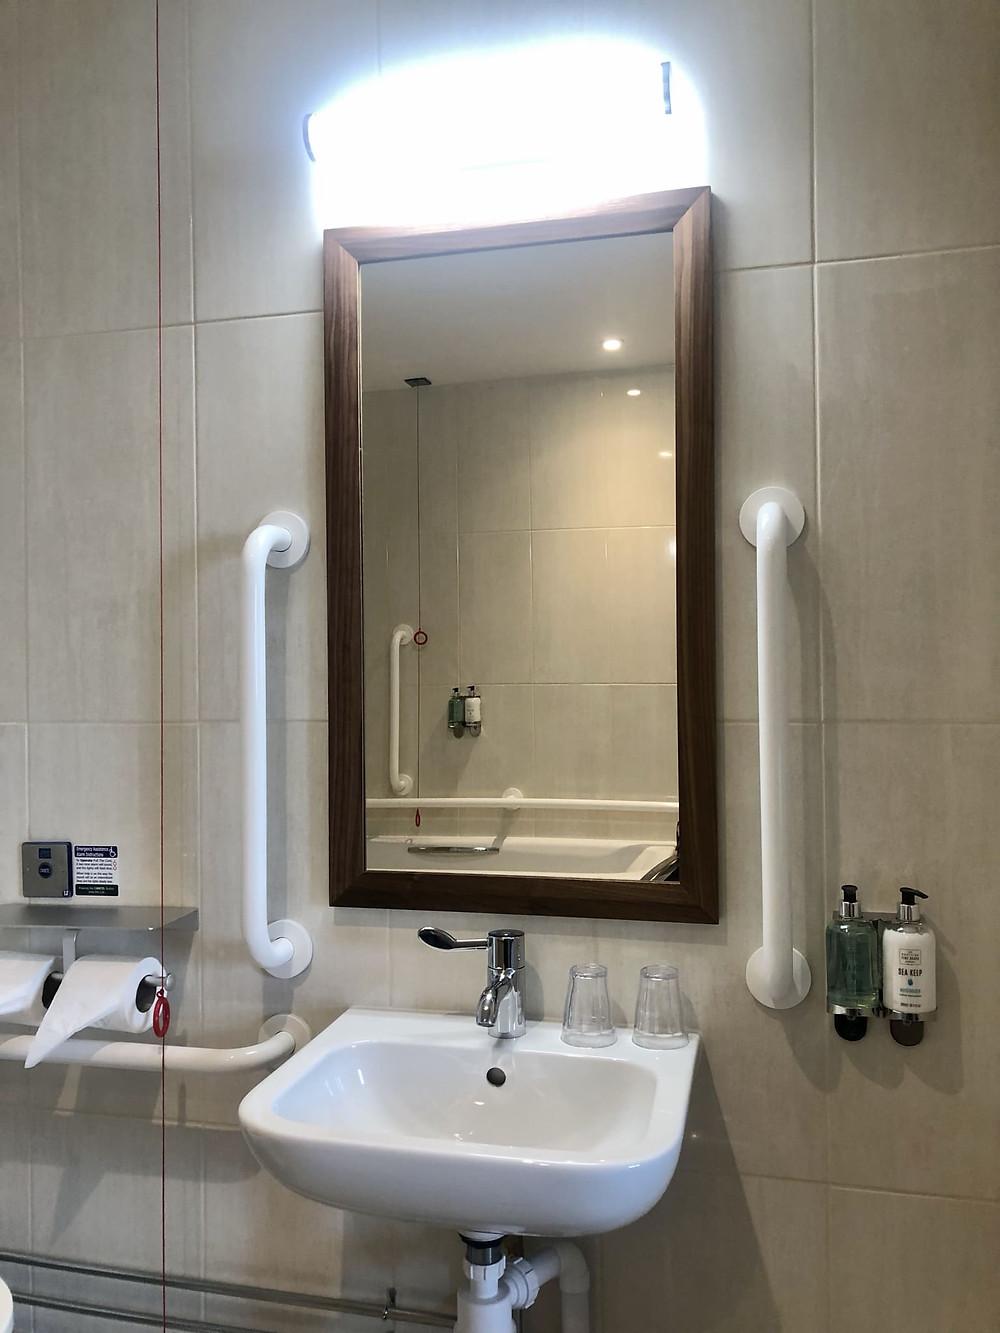 The Seaburn Inn Sunderland wheelchair accessible bathroom sink